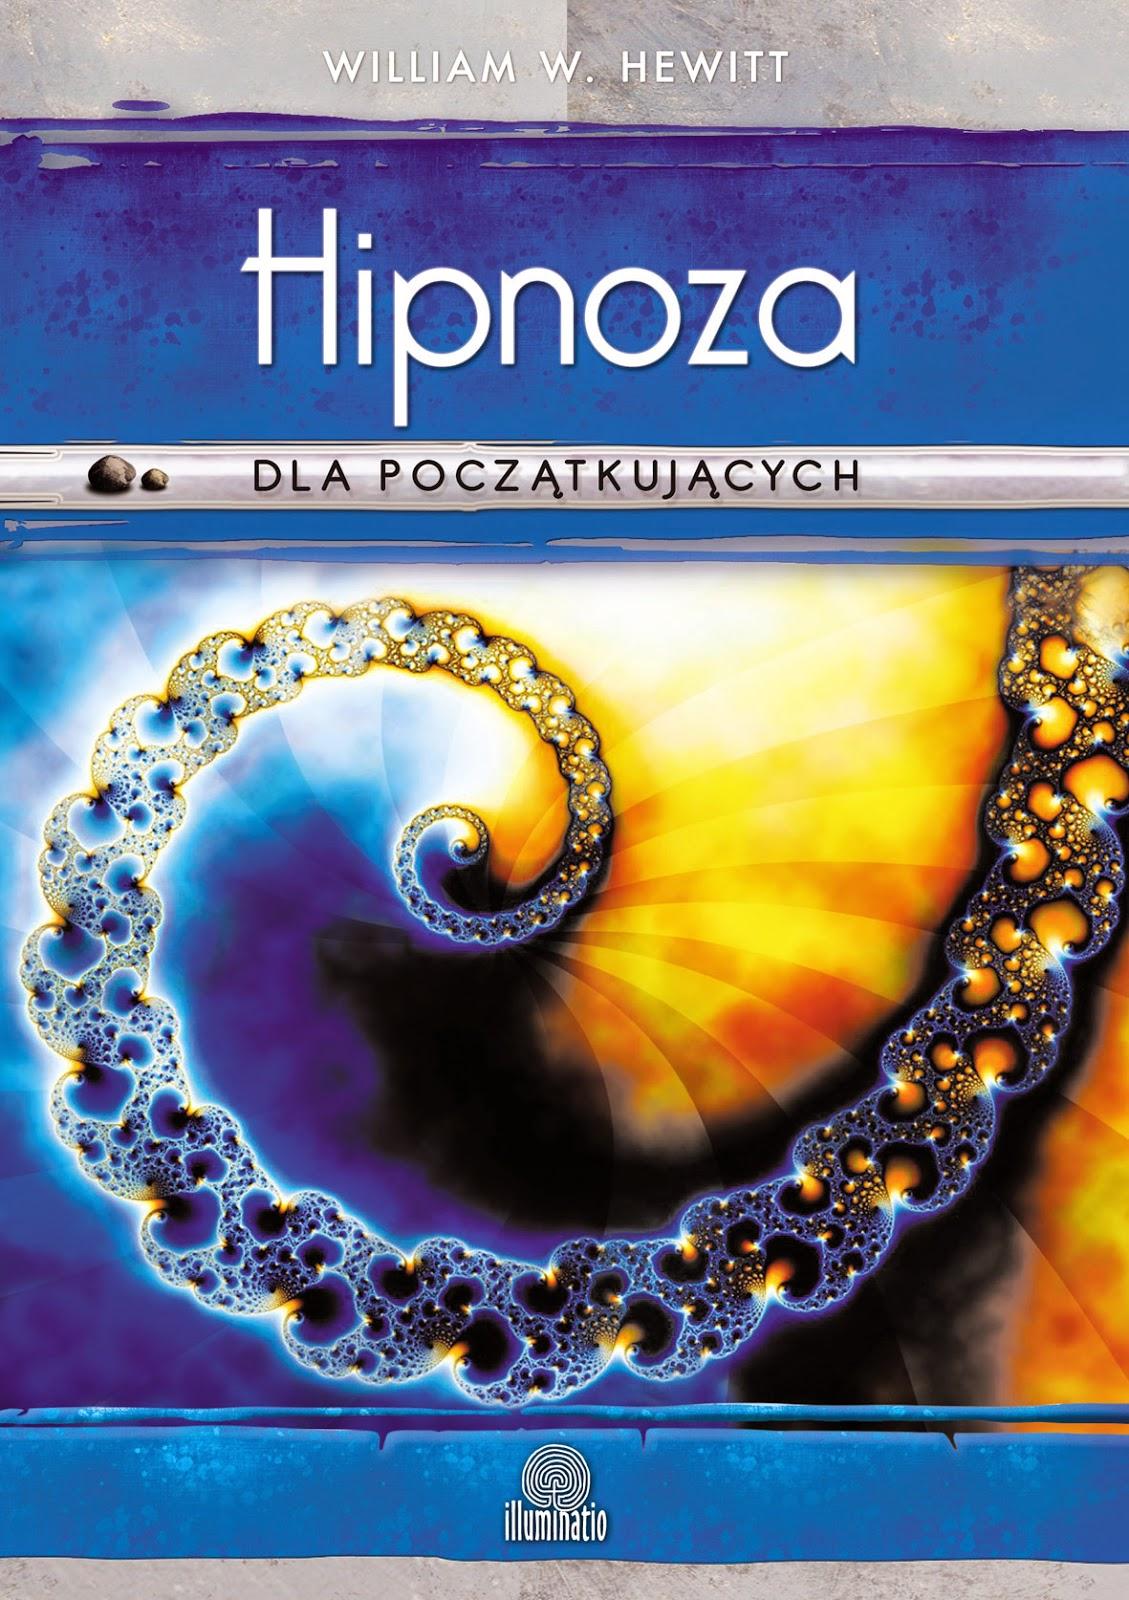 http://www.illuminatio.pl/ksiazki/hipnoza-dla-poczatkujacych/